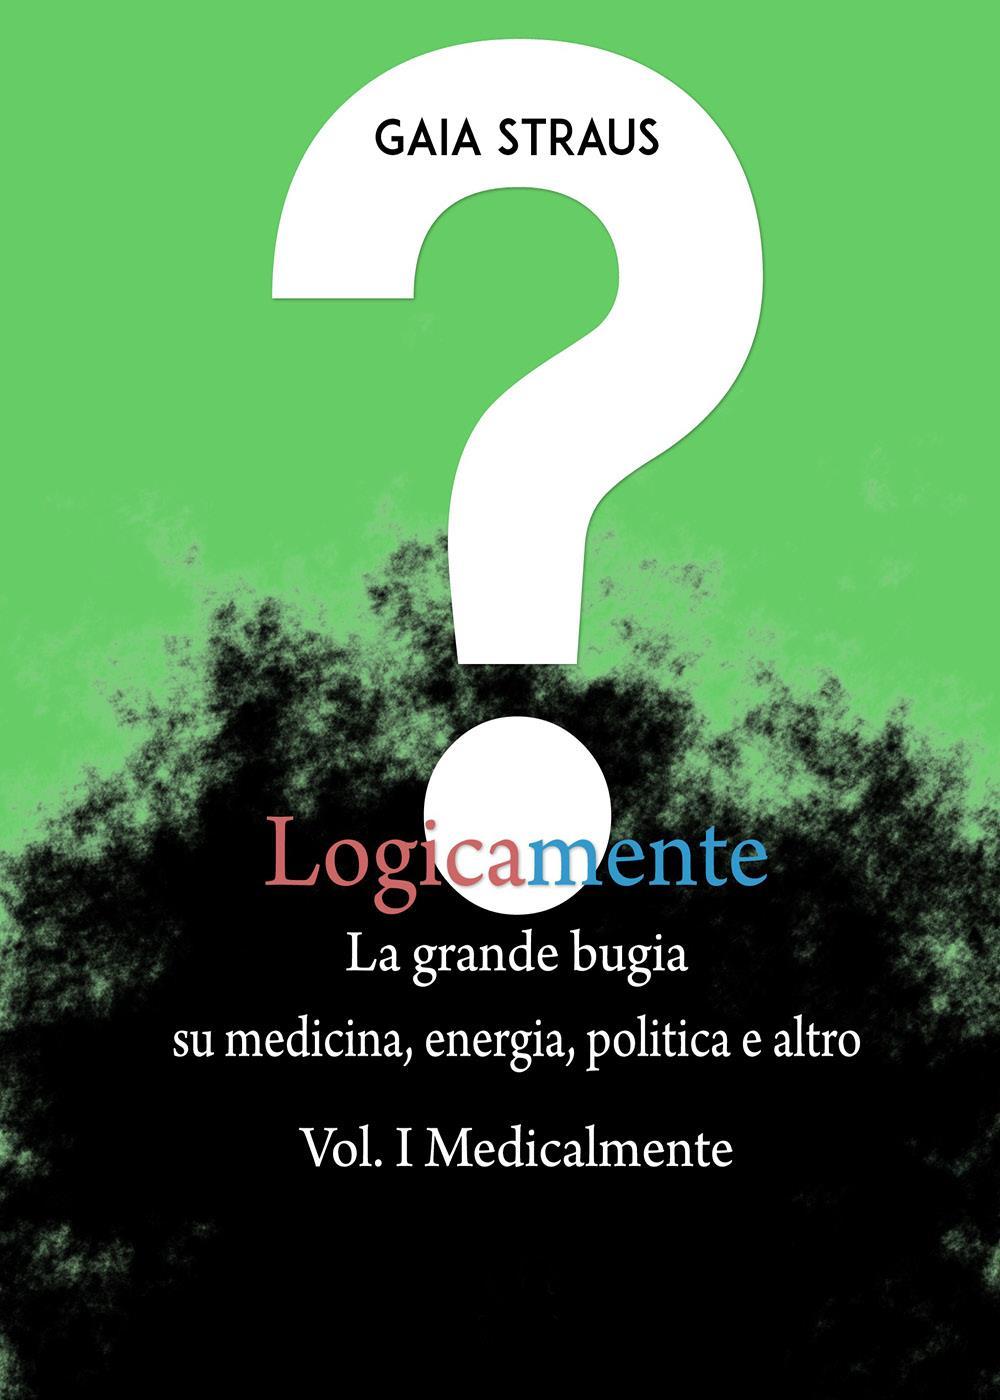 Logicamente, la grande bugia su medicina, energia, politica e altro. Vol. I - Medicalmente